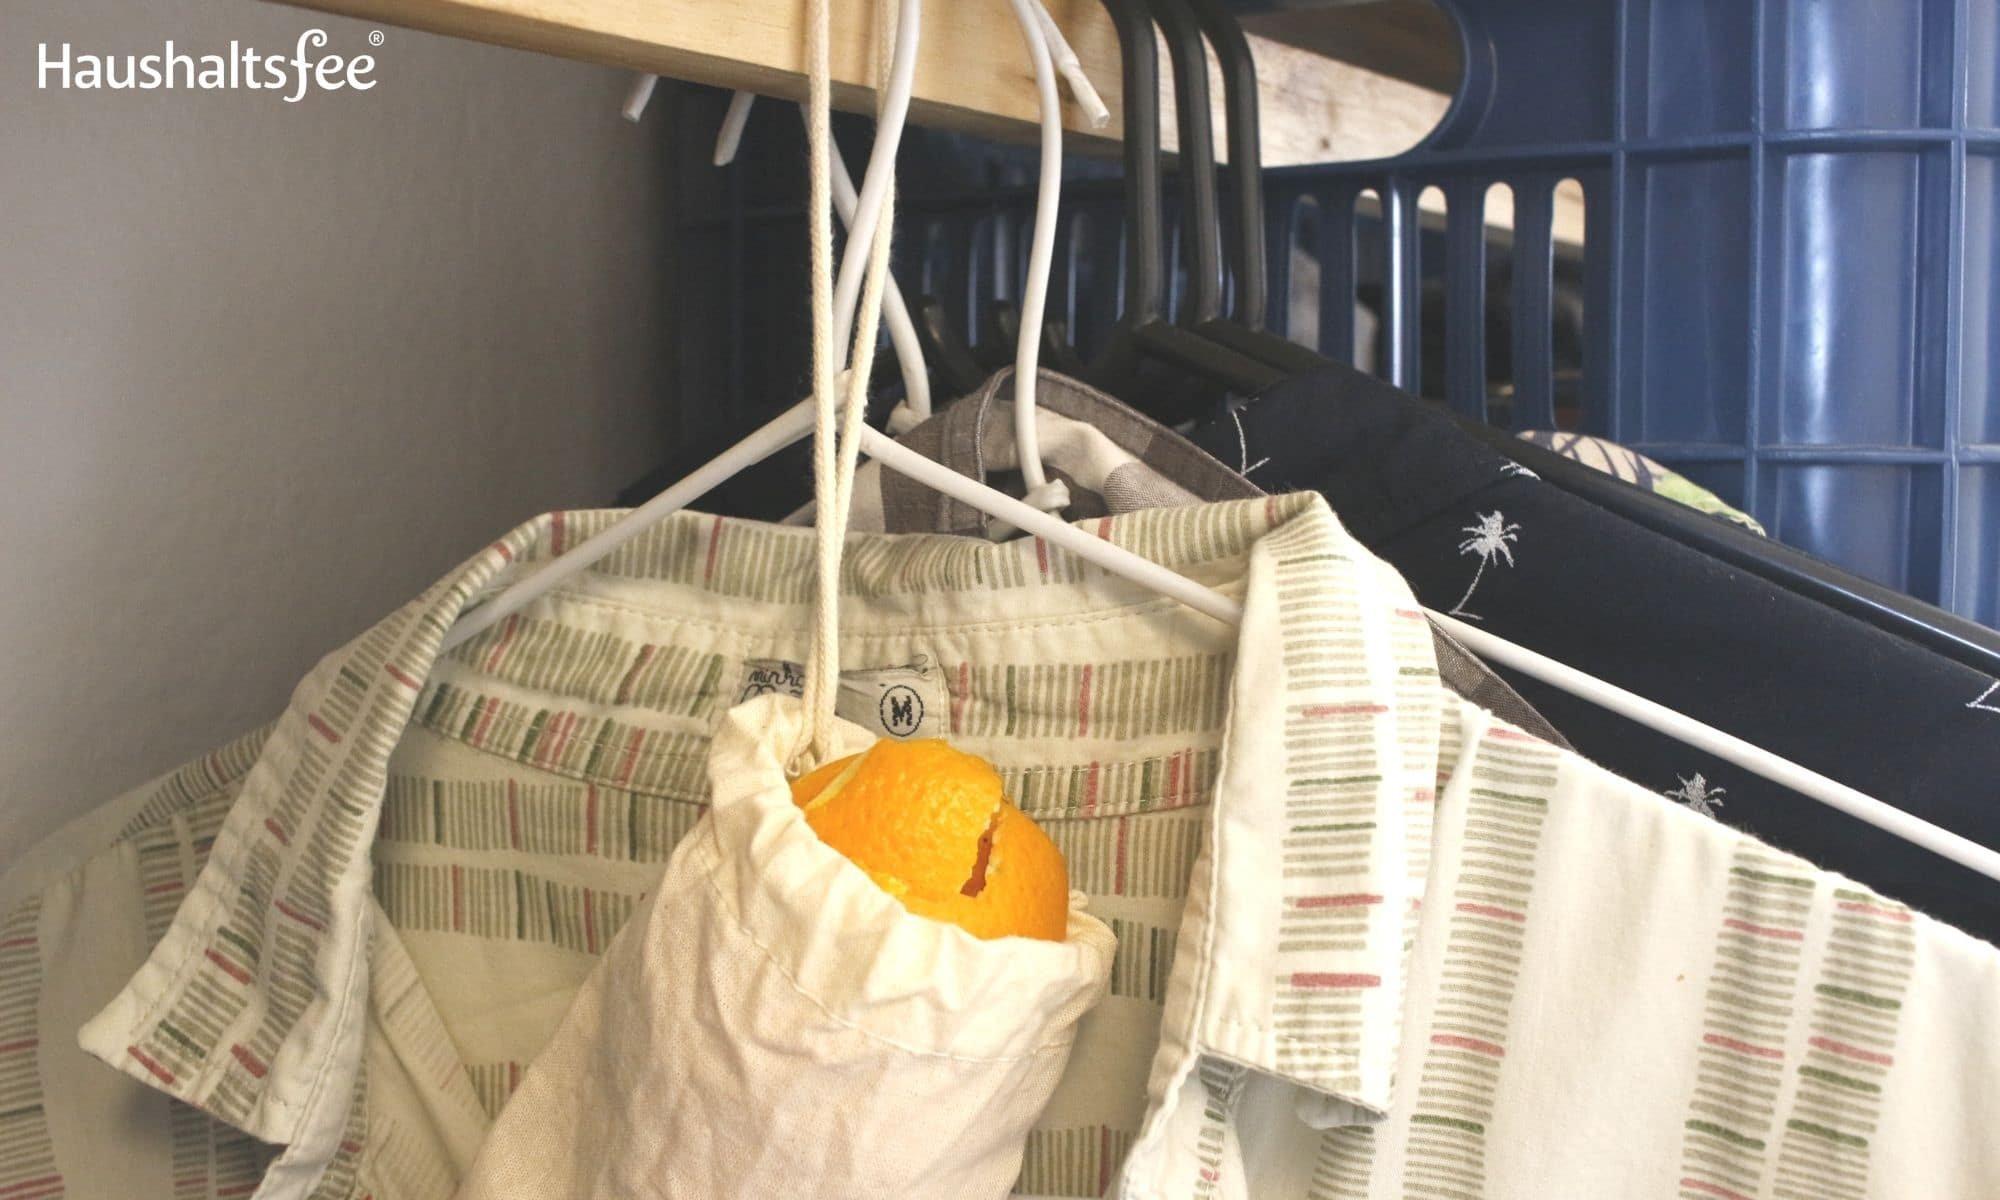 Orangenschalen im Haushalt: Gegen Motten im Kleiderschrank